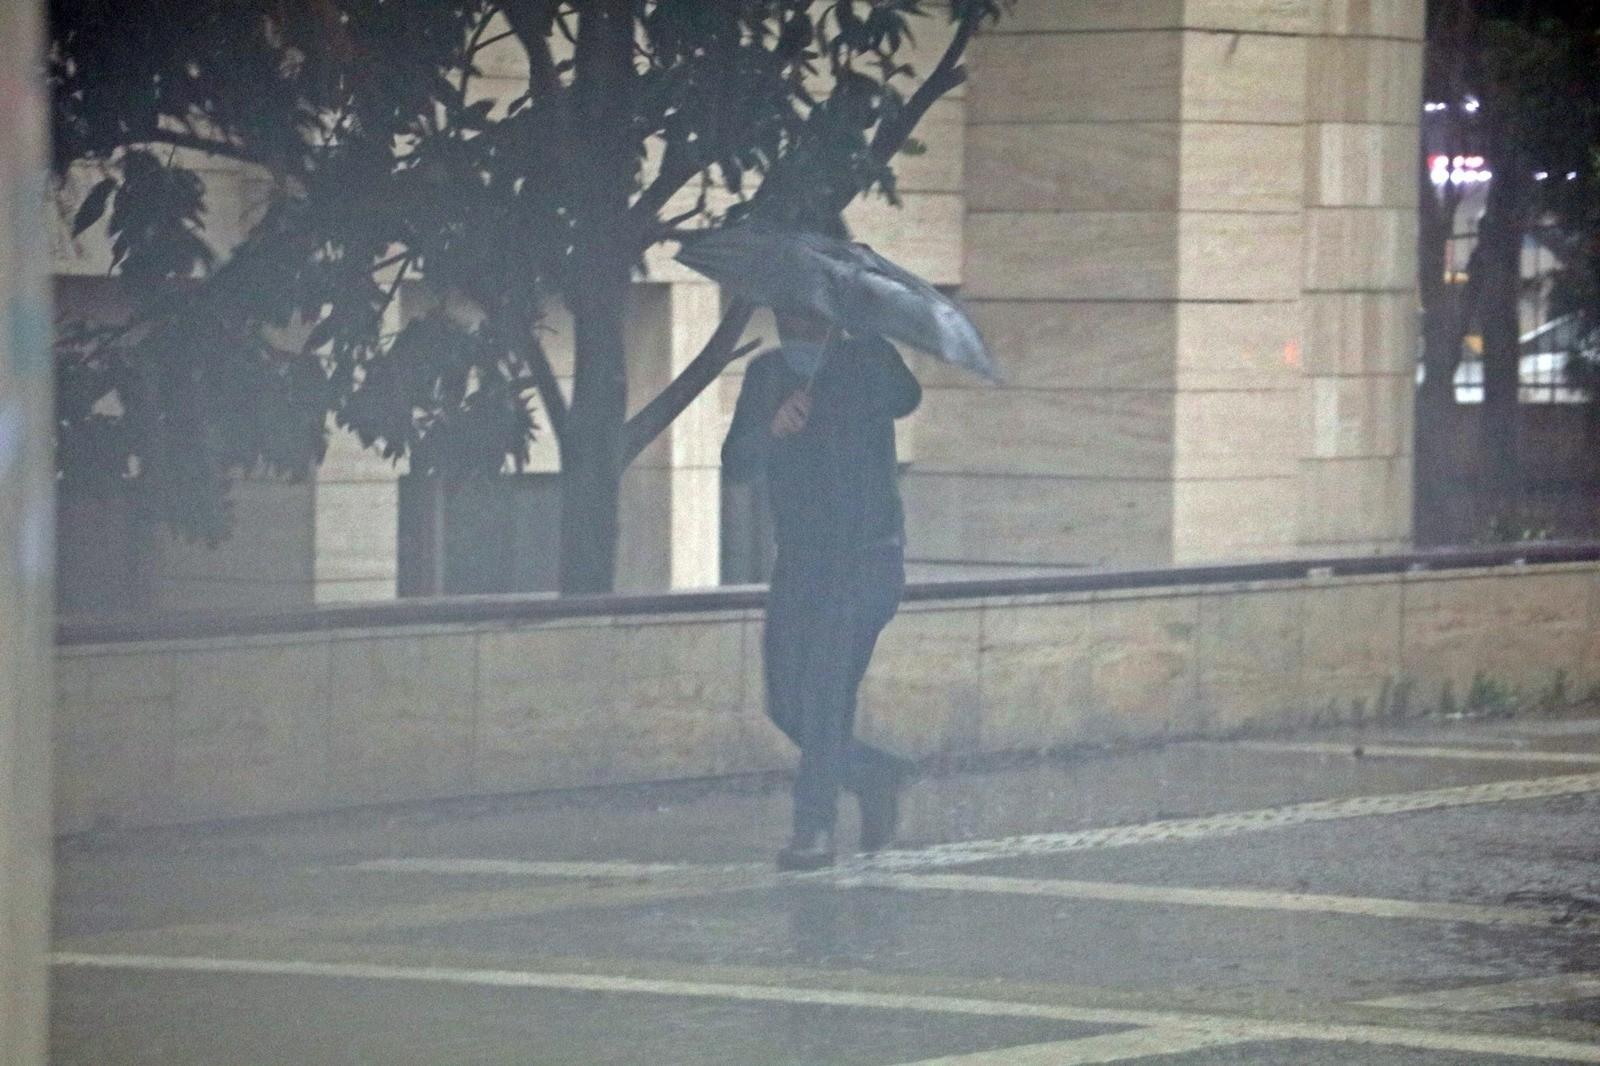 Meteoroloji Antalya'yı uyardı: Fırtınaya yakın rüzgar ve fırtına bekleniyor